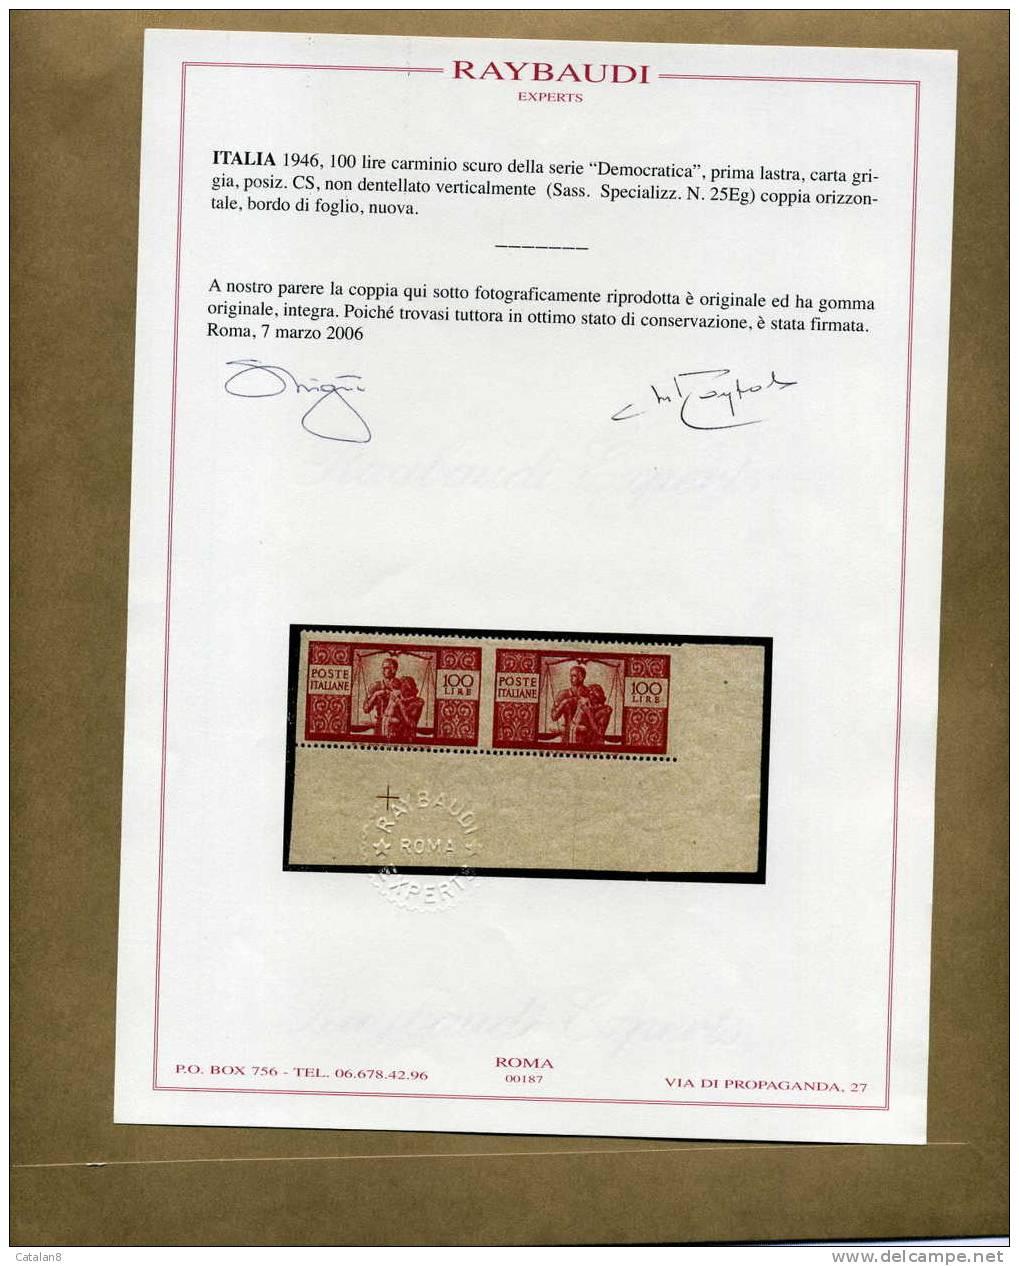 ITALIA COPPIA L. 100 DEMOCRATICA NUOVA VARIETA' NON DENTELLATA VERTICALMENTE ANGOLO FOGLIO CERTIFICATO RAYBAUDI - 6. 1946-.. Repubblica